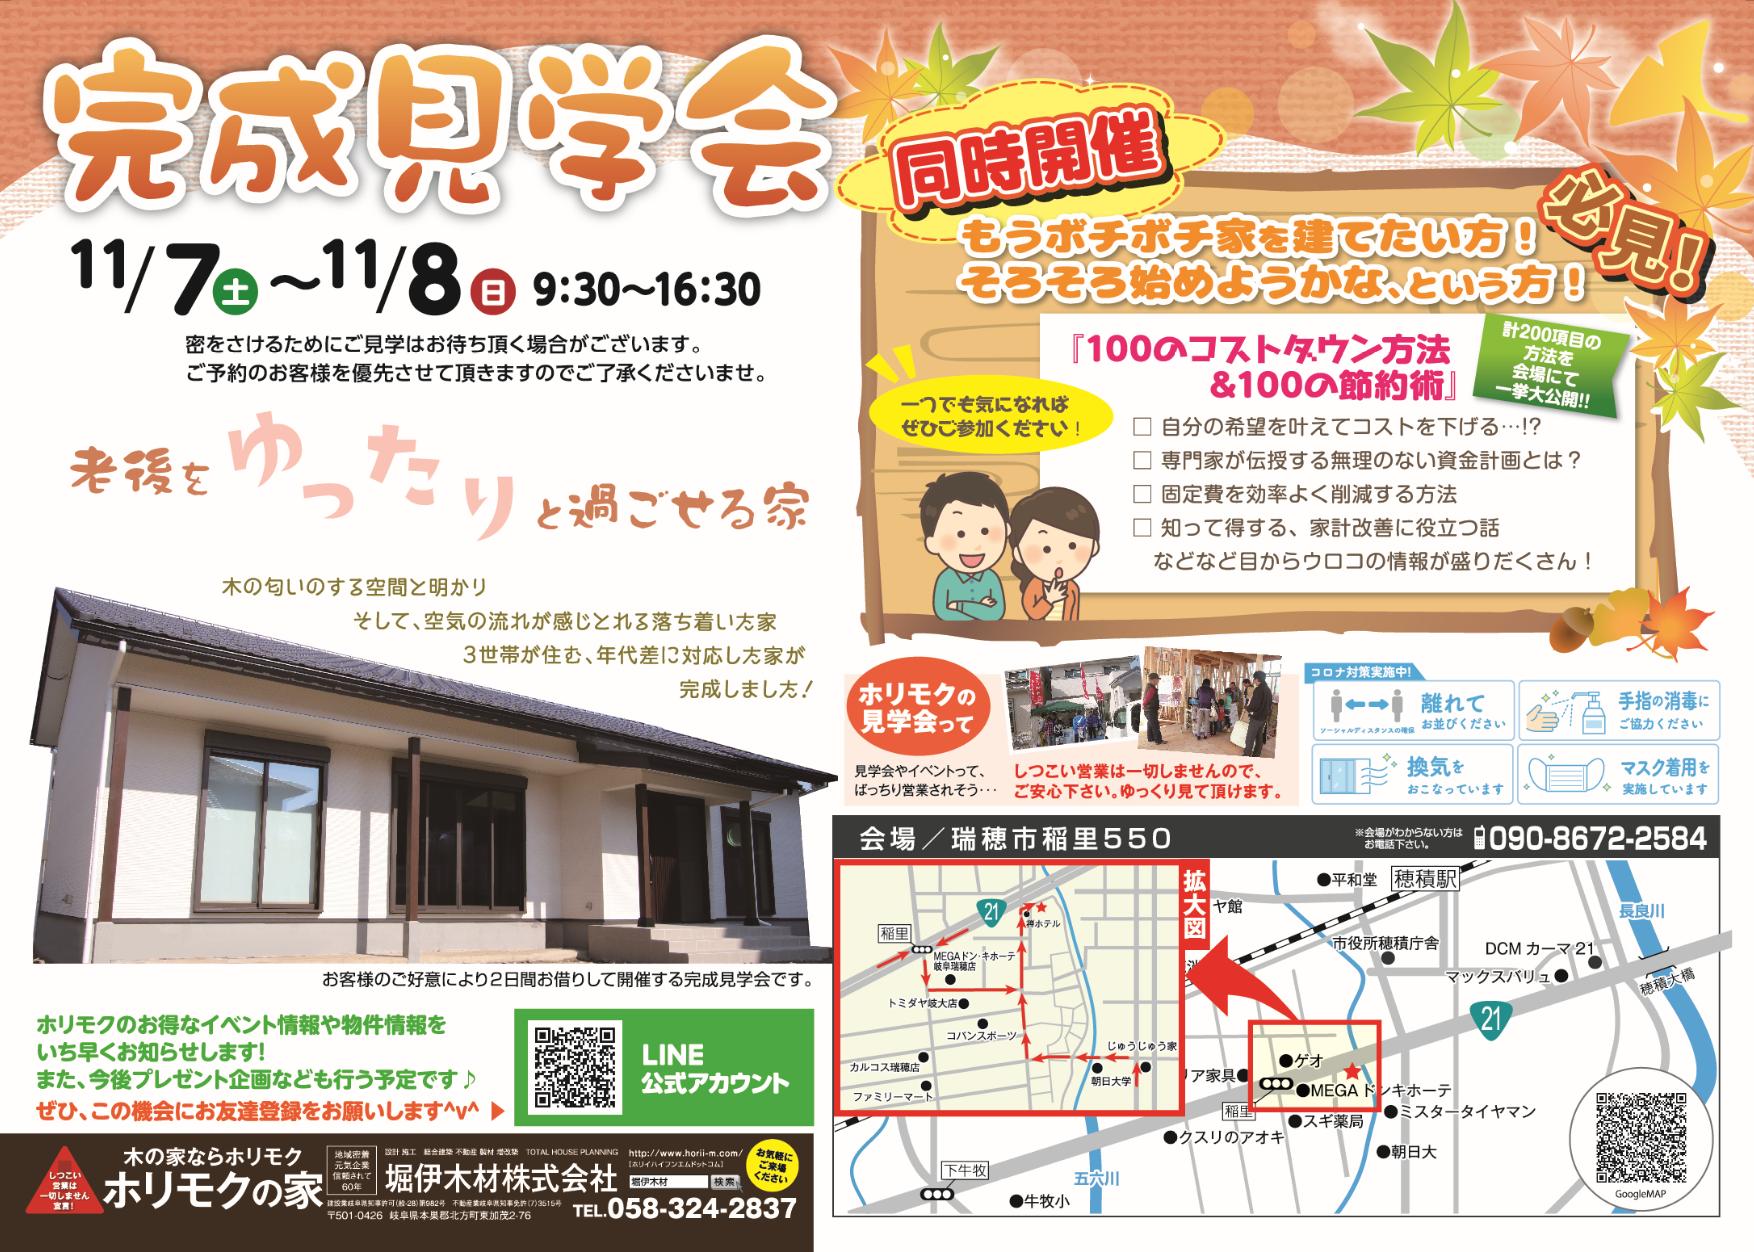 【終了】11/7(土)~11/8(日)人気の平屋の家完成見学会